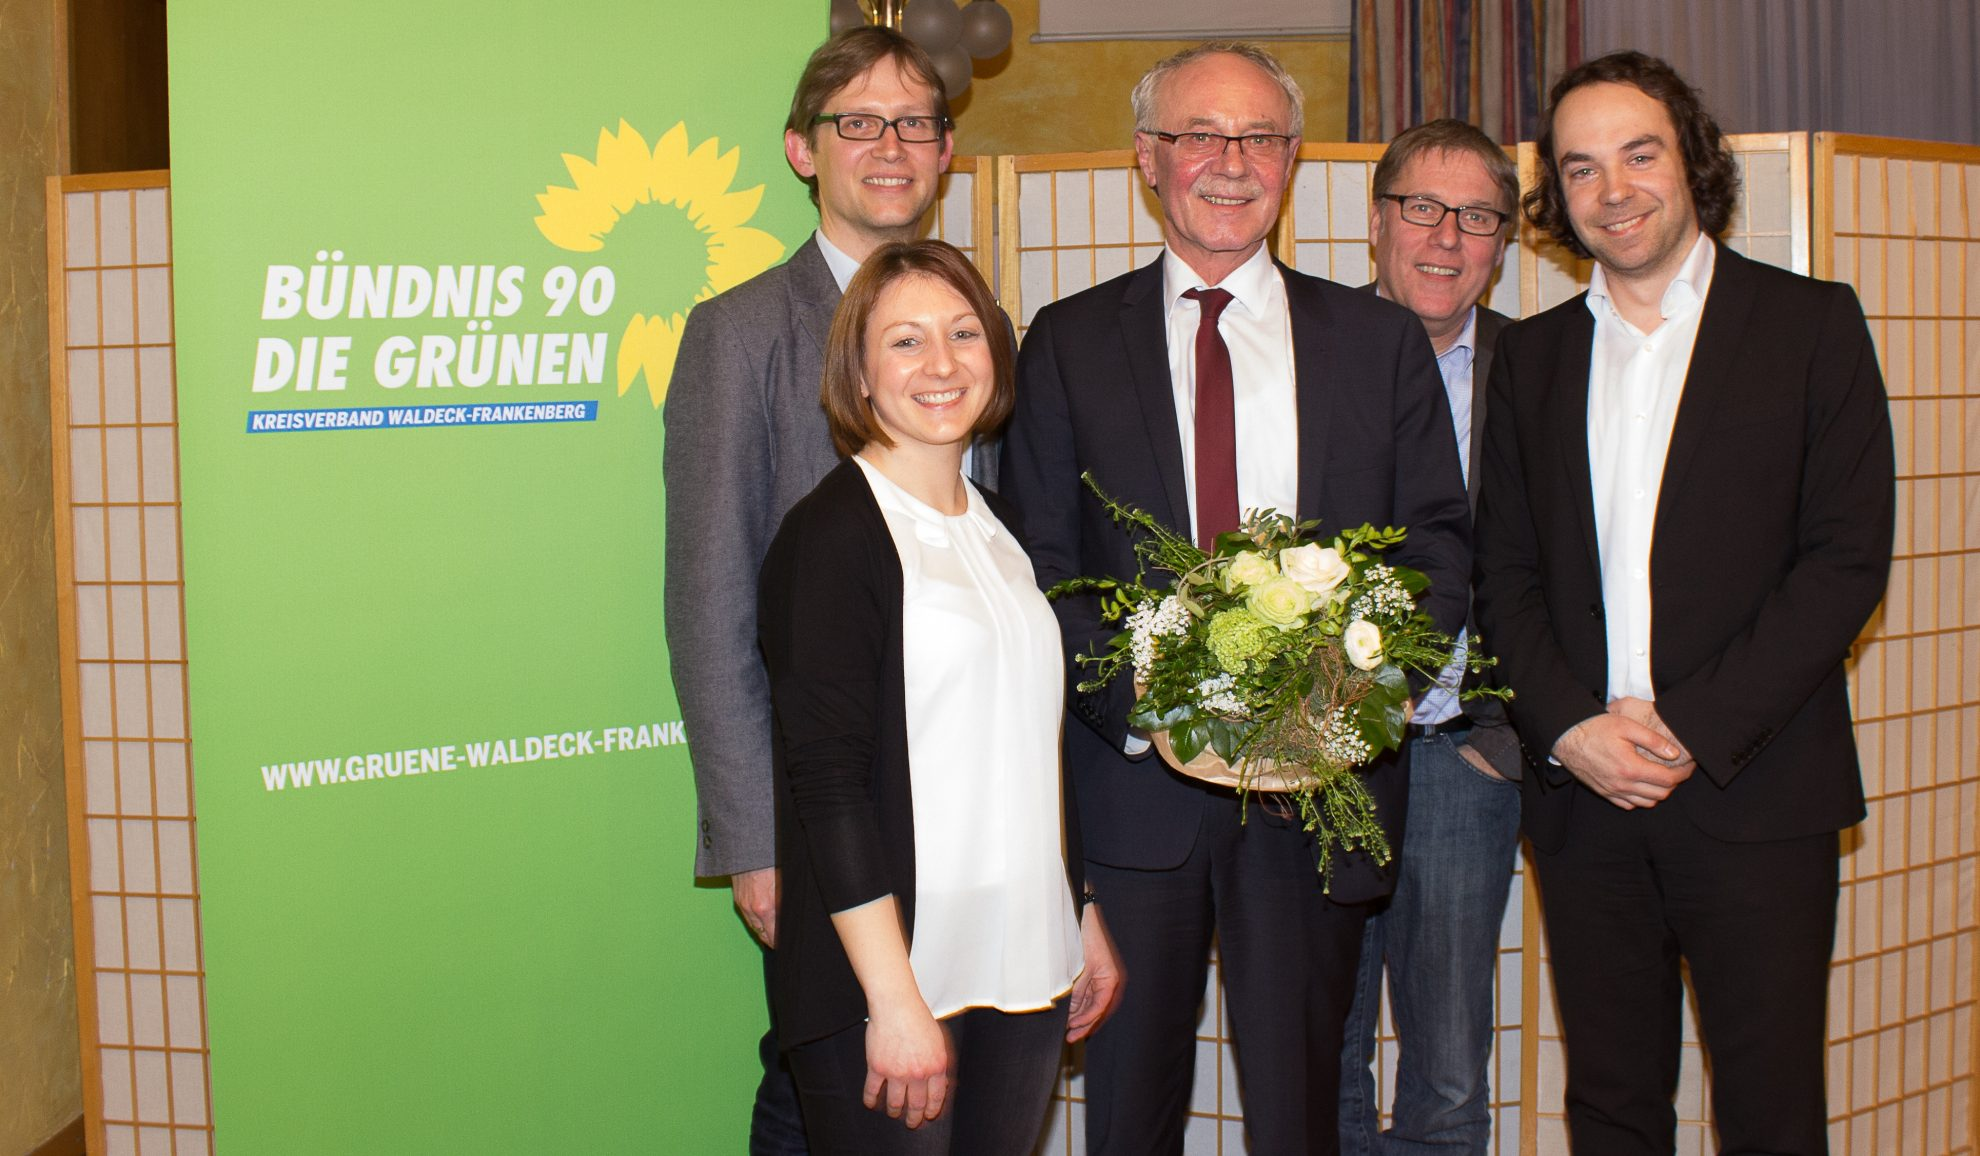 v.l.n.r. Jens Deutschendorf, Caroline Tönges, Landrat Dr. Reinhard Kubat, Jürgen Frömmrich und Daniel May